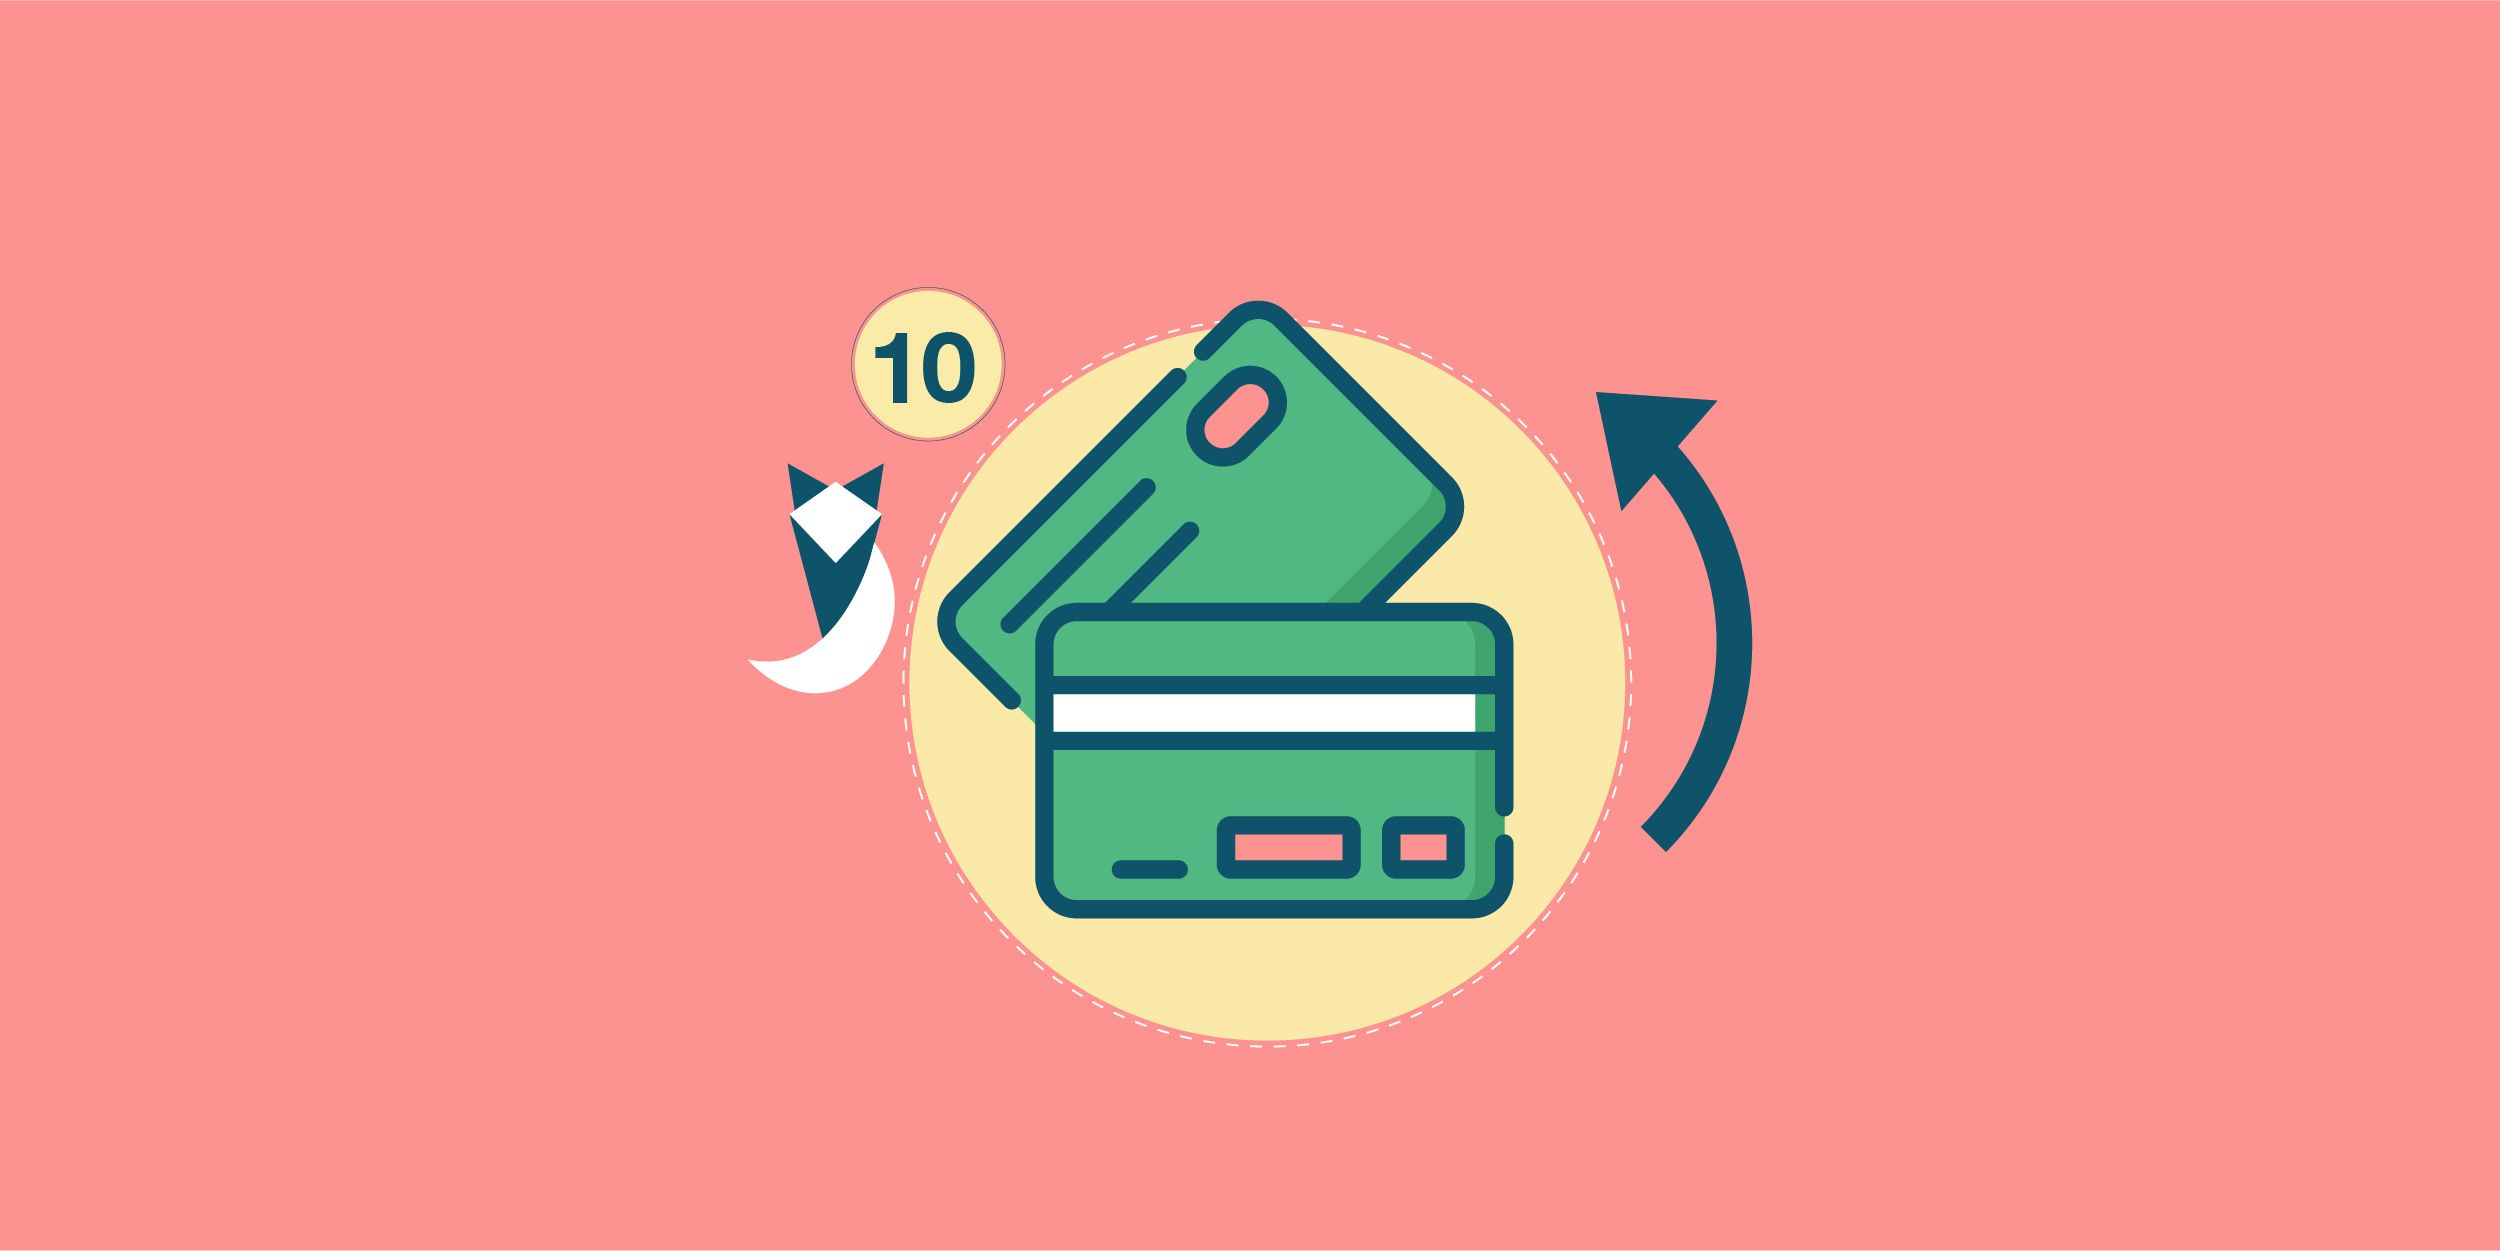 أعلى 10 بطاقات ائتمان بحد أدنى 50,000 جنيه في سبتمبر 2021